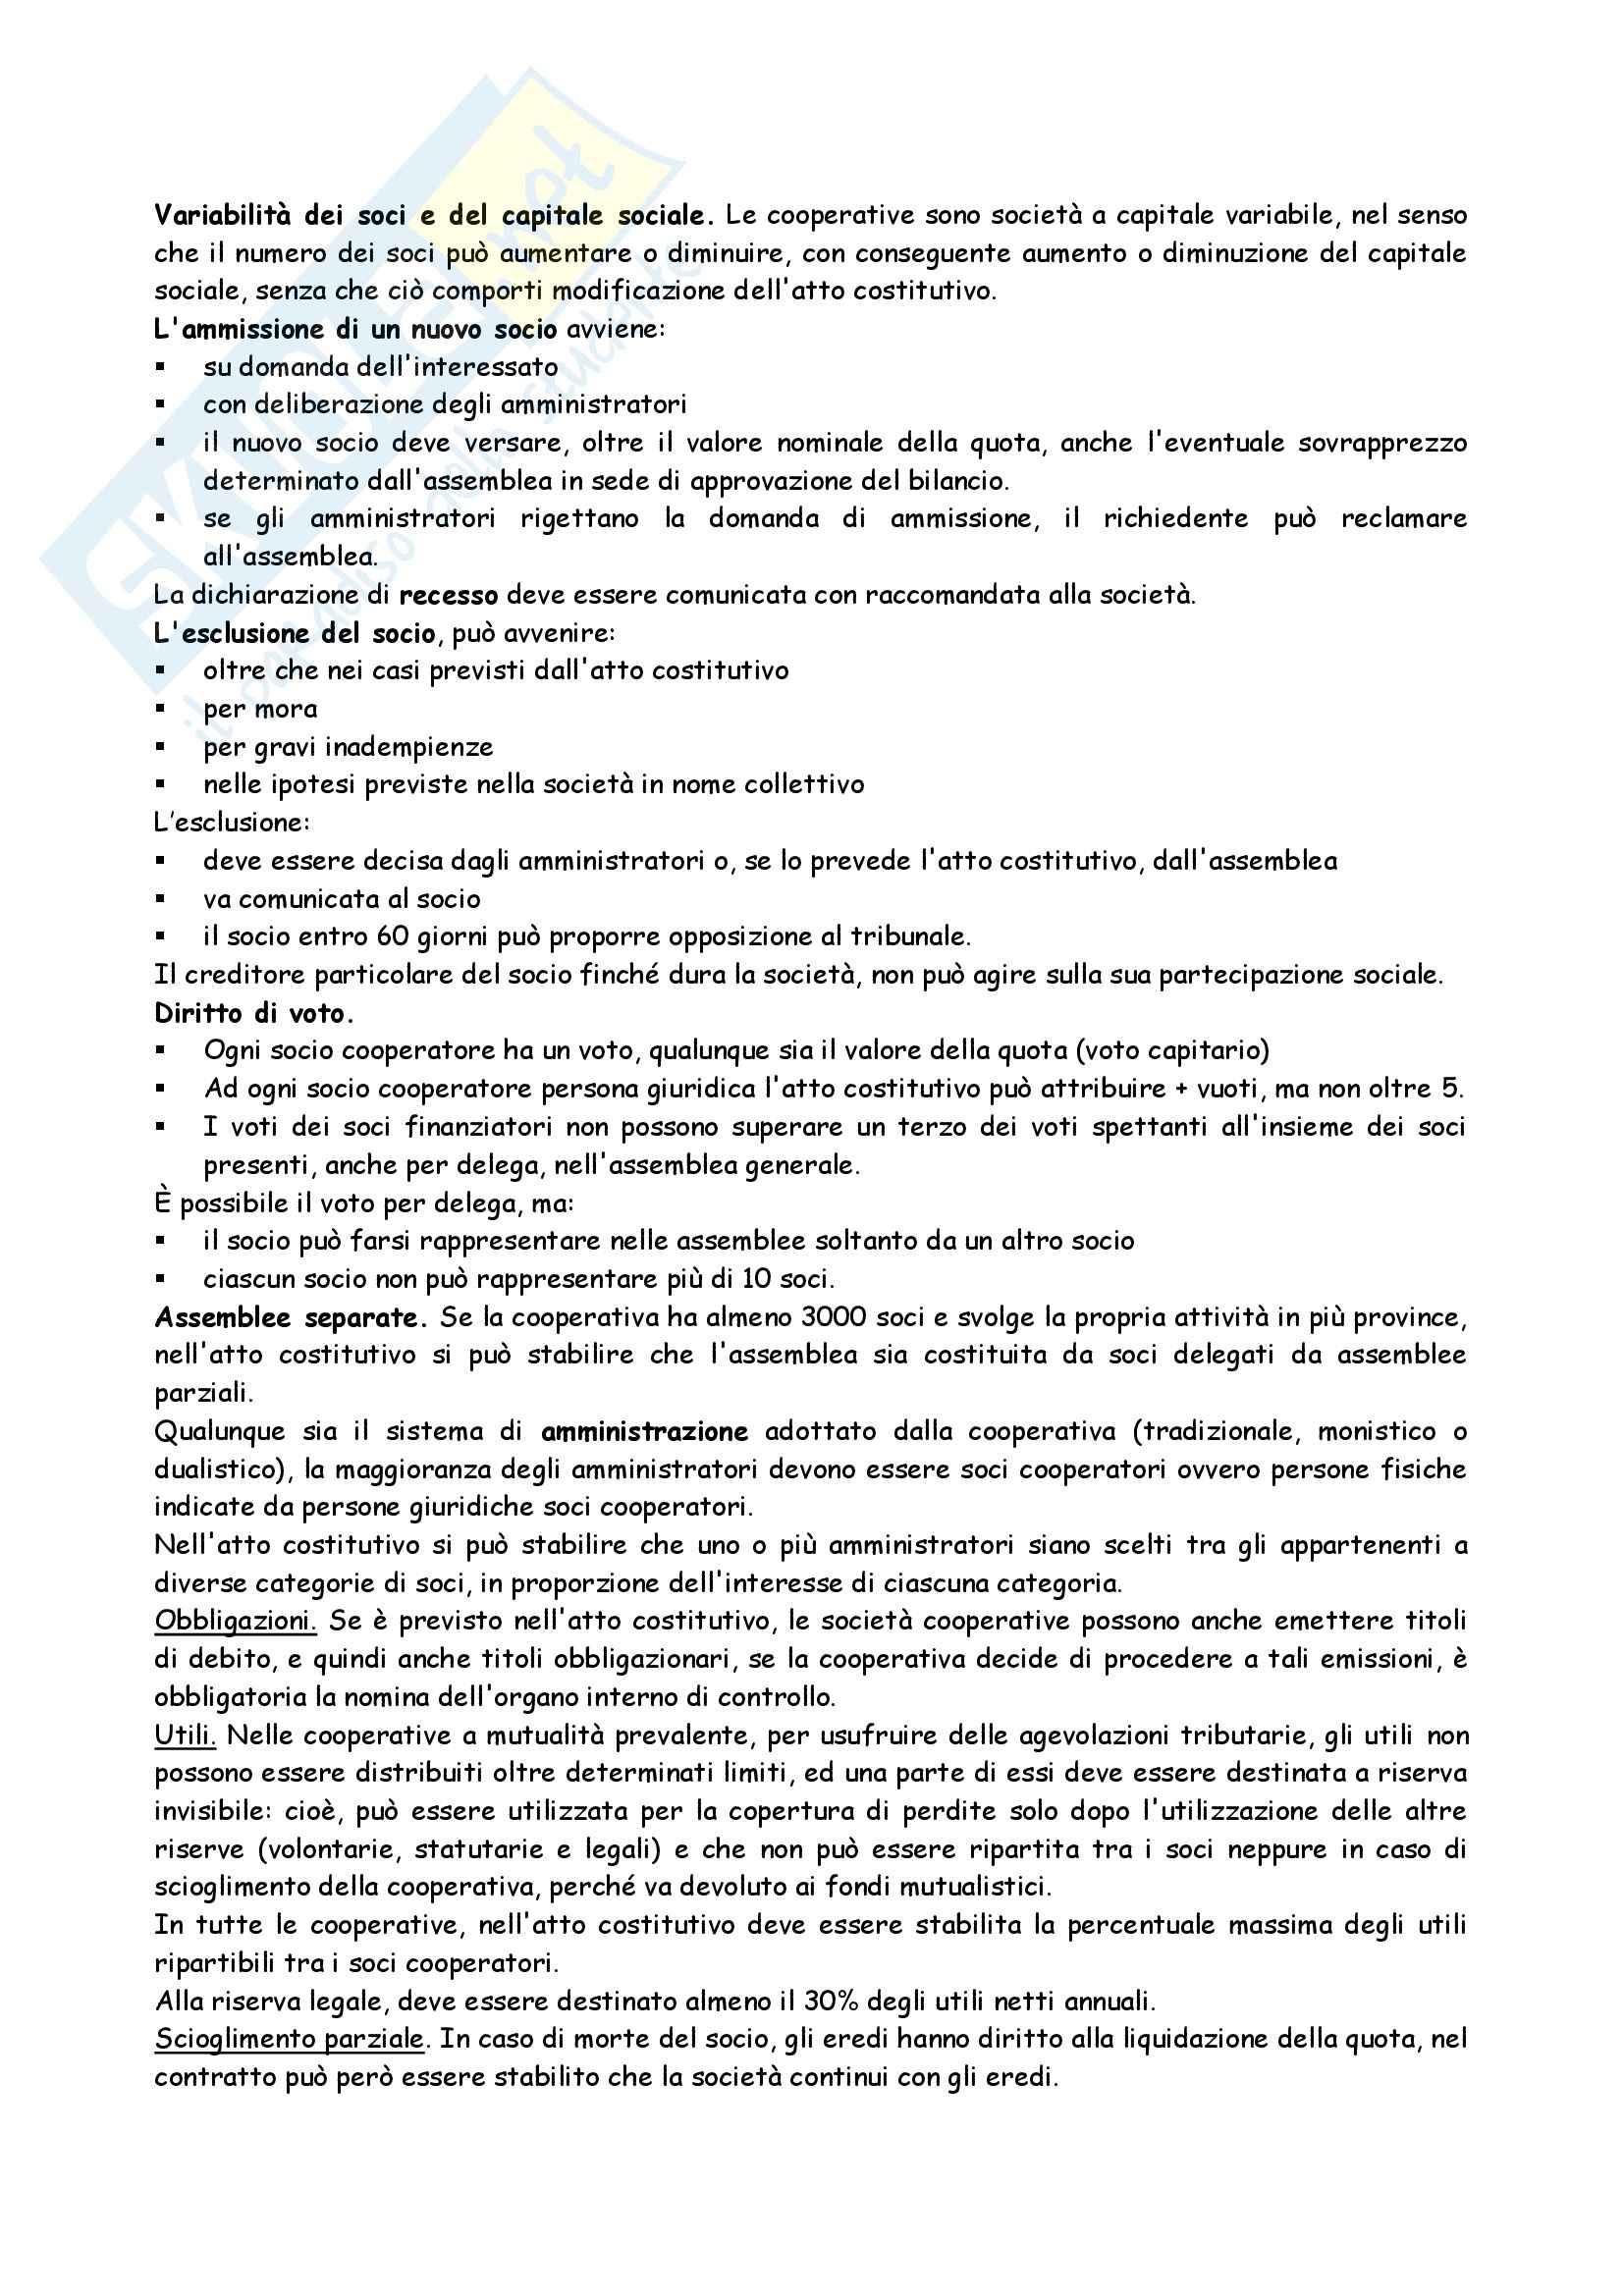 Diritto commerciale -  nozioni fondamentali Pag. 86